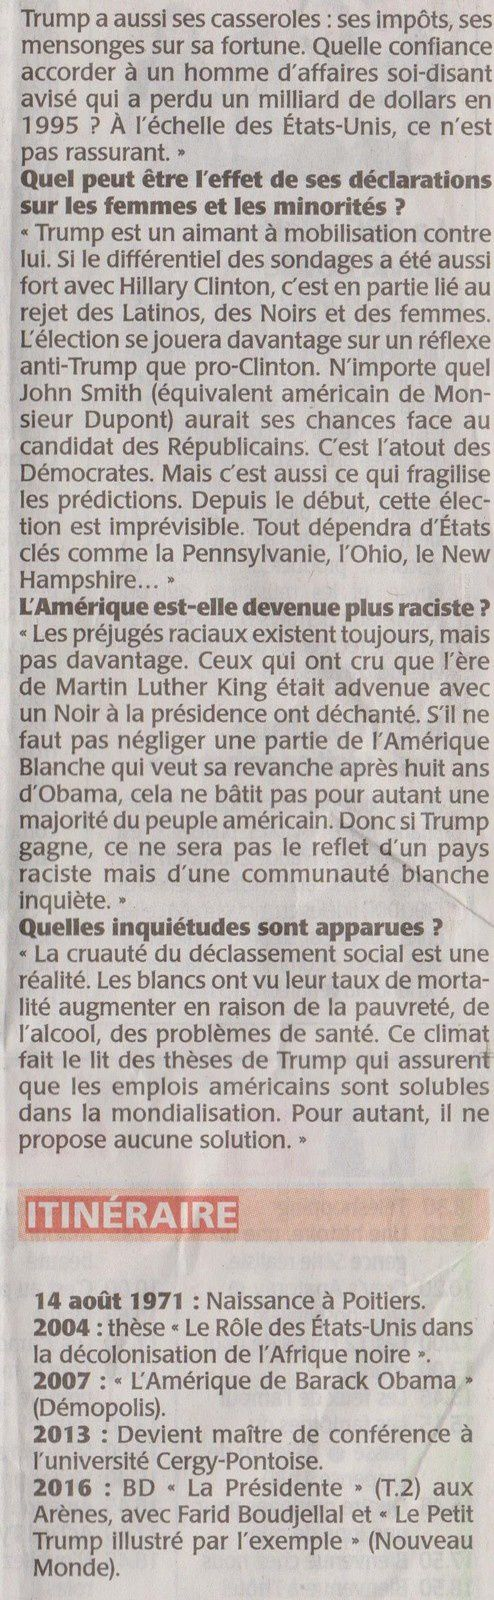 Les trois dernières photos de Monsieur François DURPAIRE ont été prises ce soir -07/11/2016 -à l'écran de mon téléviseur.